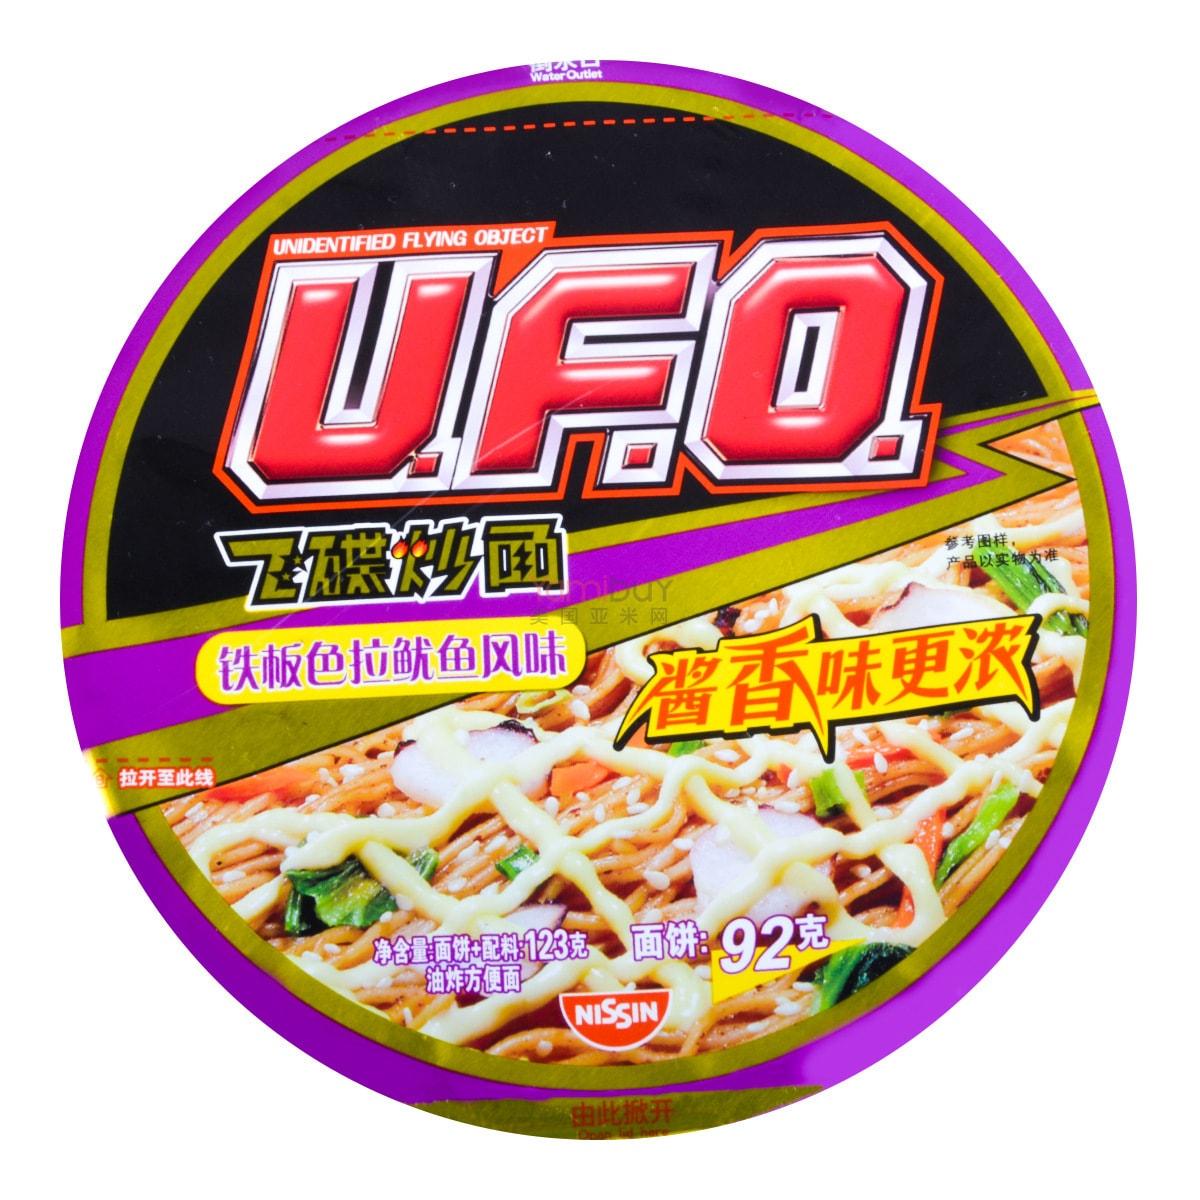 日本NISSIN日清 UFO 飞碟炒面 铁板色拉鱿鱼风味 123g